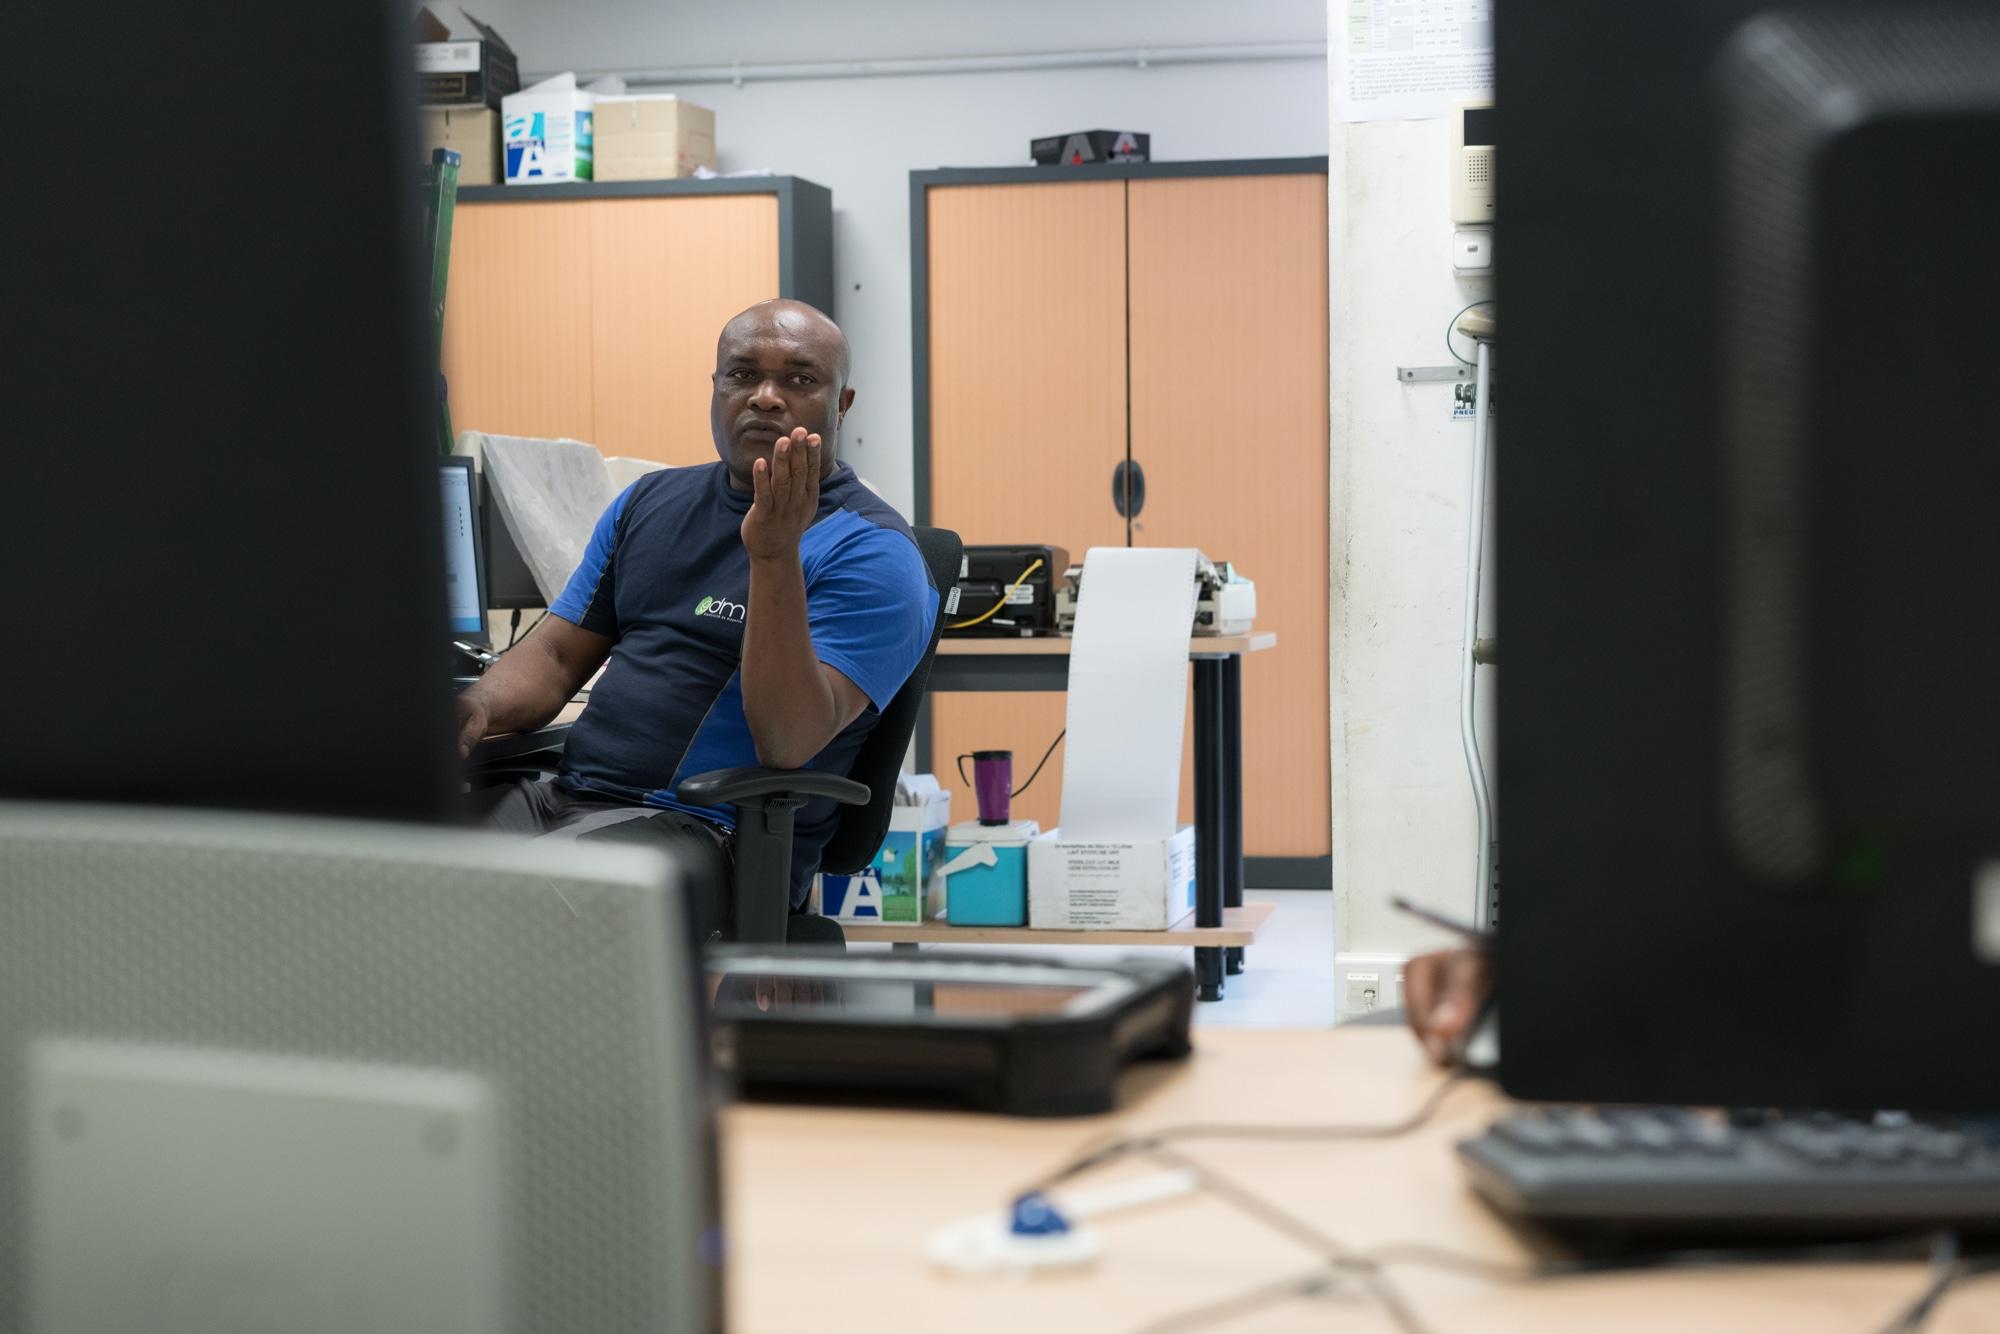 Soihibou, de face, s'adresse à un collègue de travail.